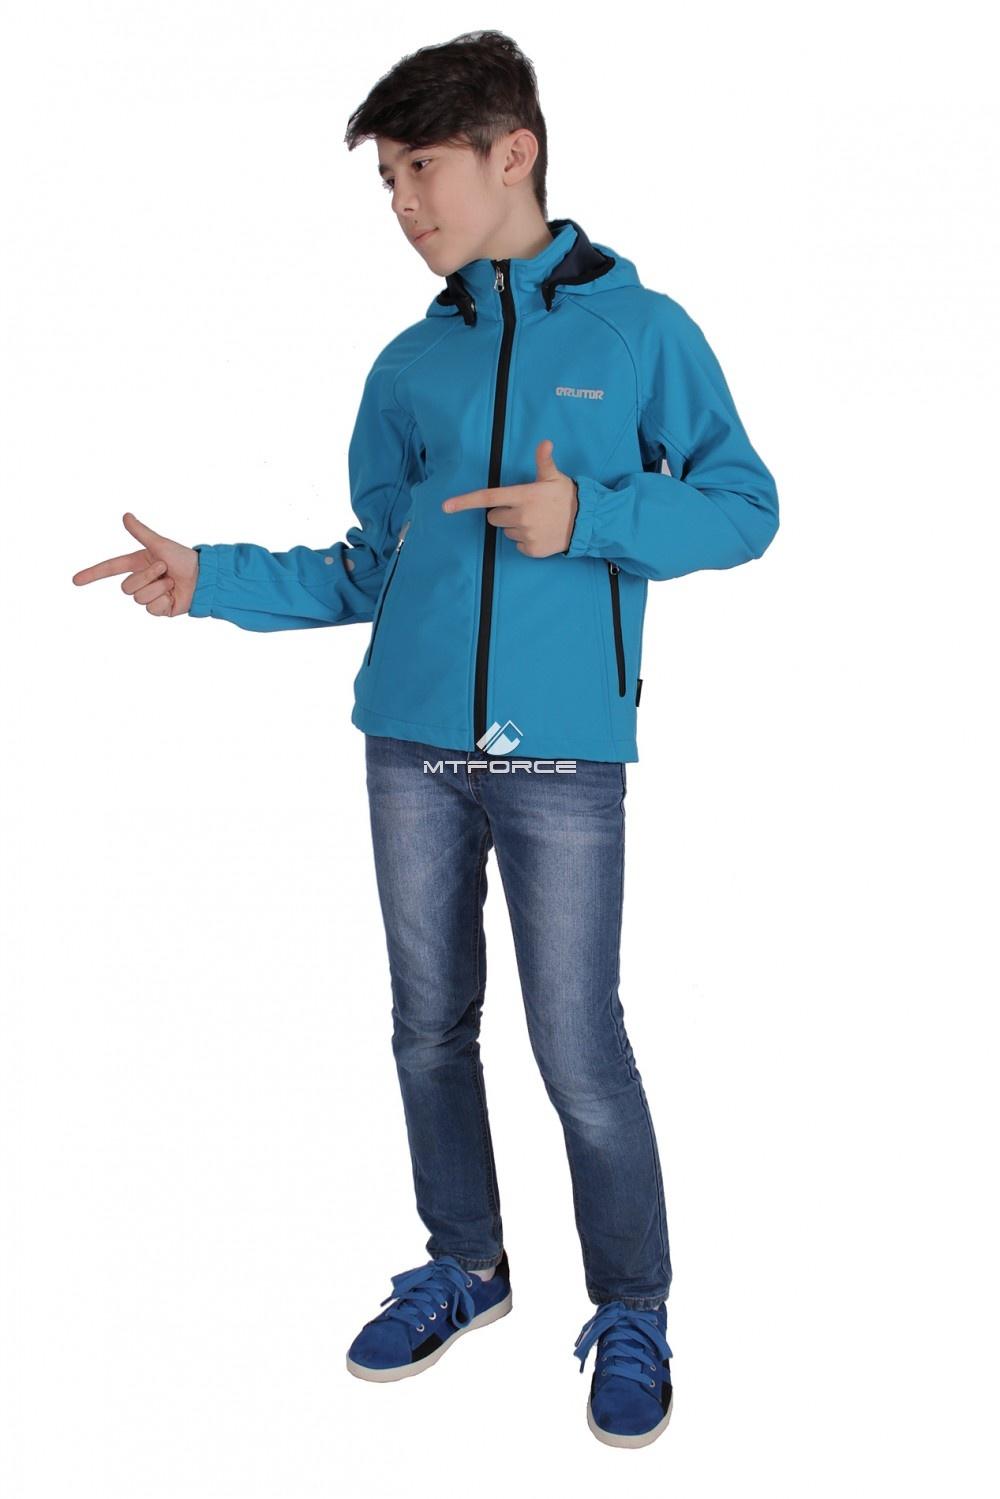 Купить                                  оптом Куртка ветровка подростковая для мальчика голубого цвета 034-2Gl в Новосибирске